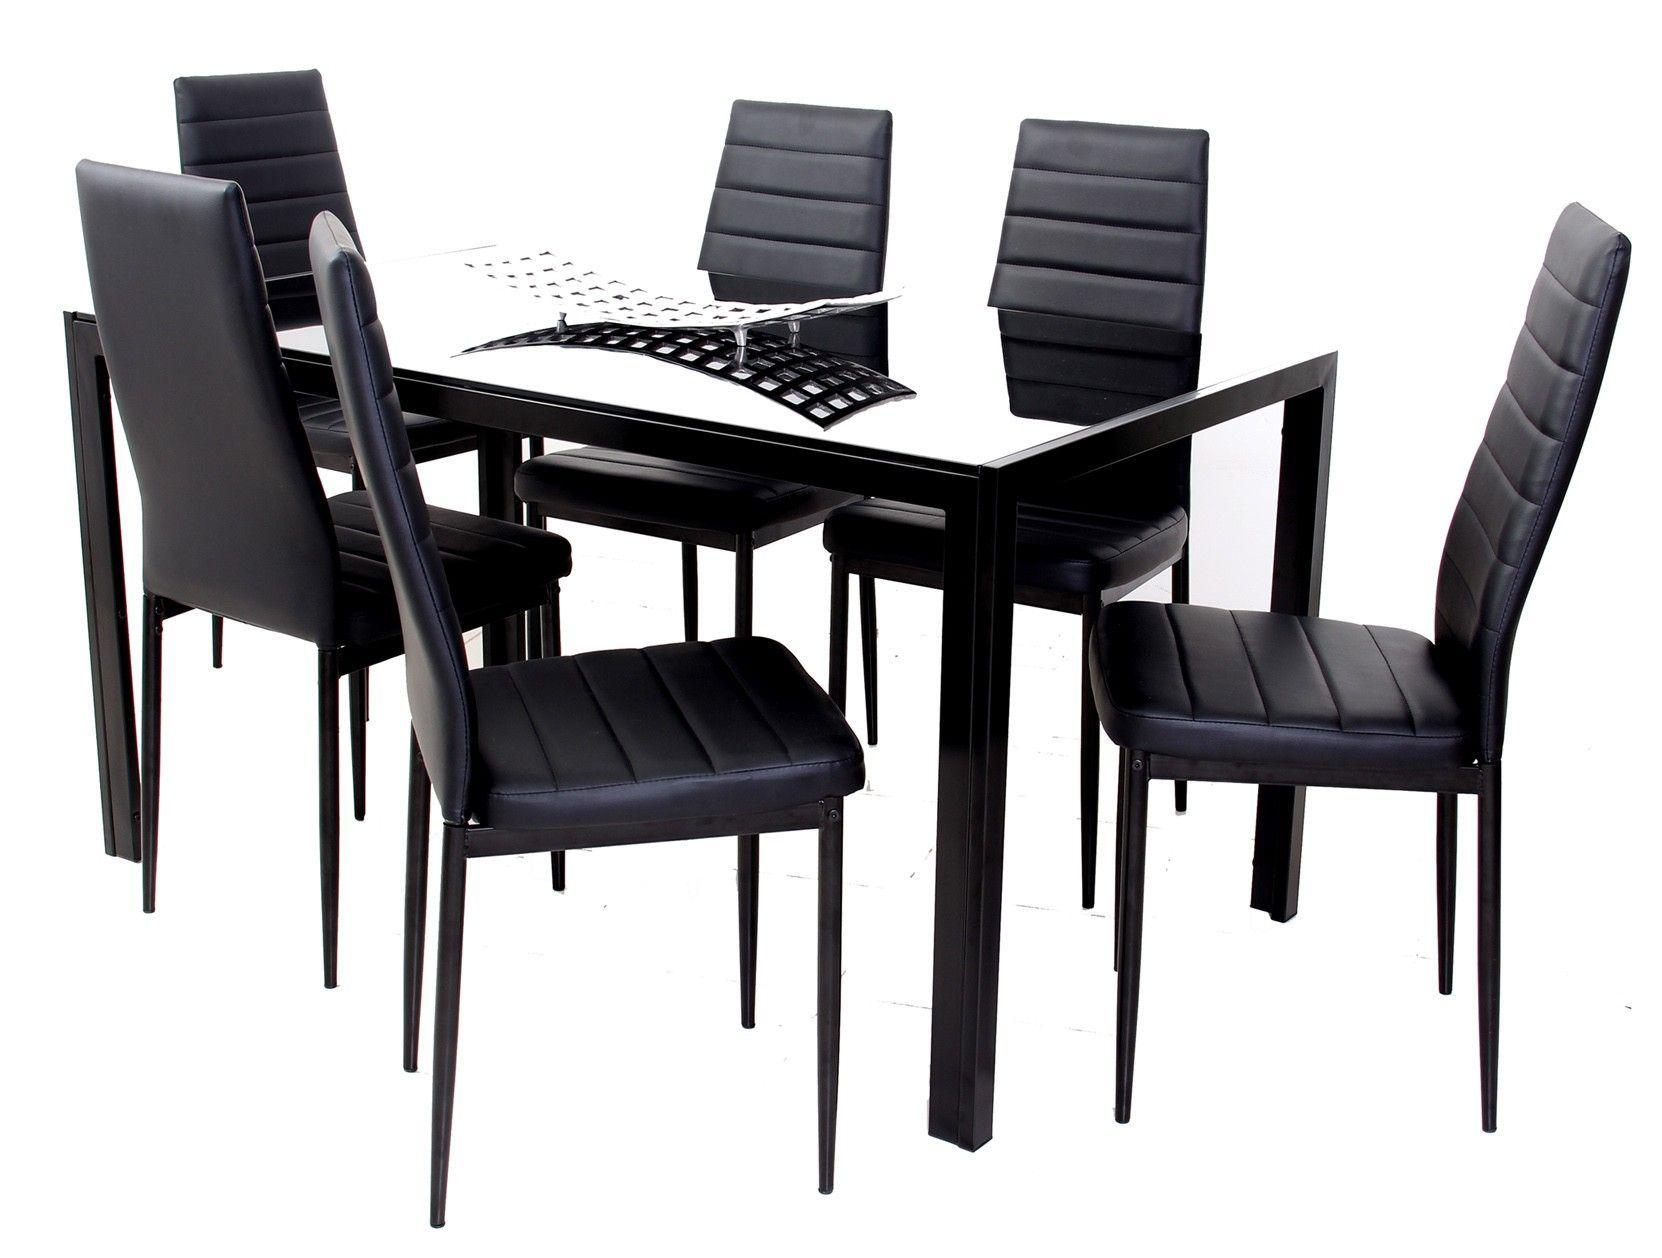 Commodity juego de comedor mia 6p 6 sillas - Juego de mesa y sillas comedor ...